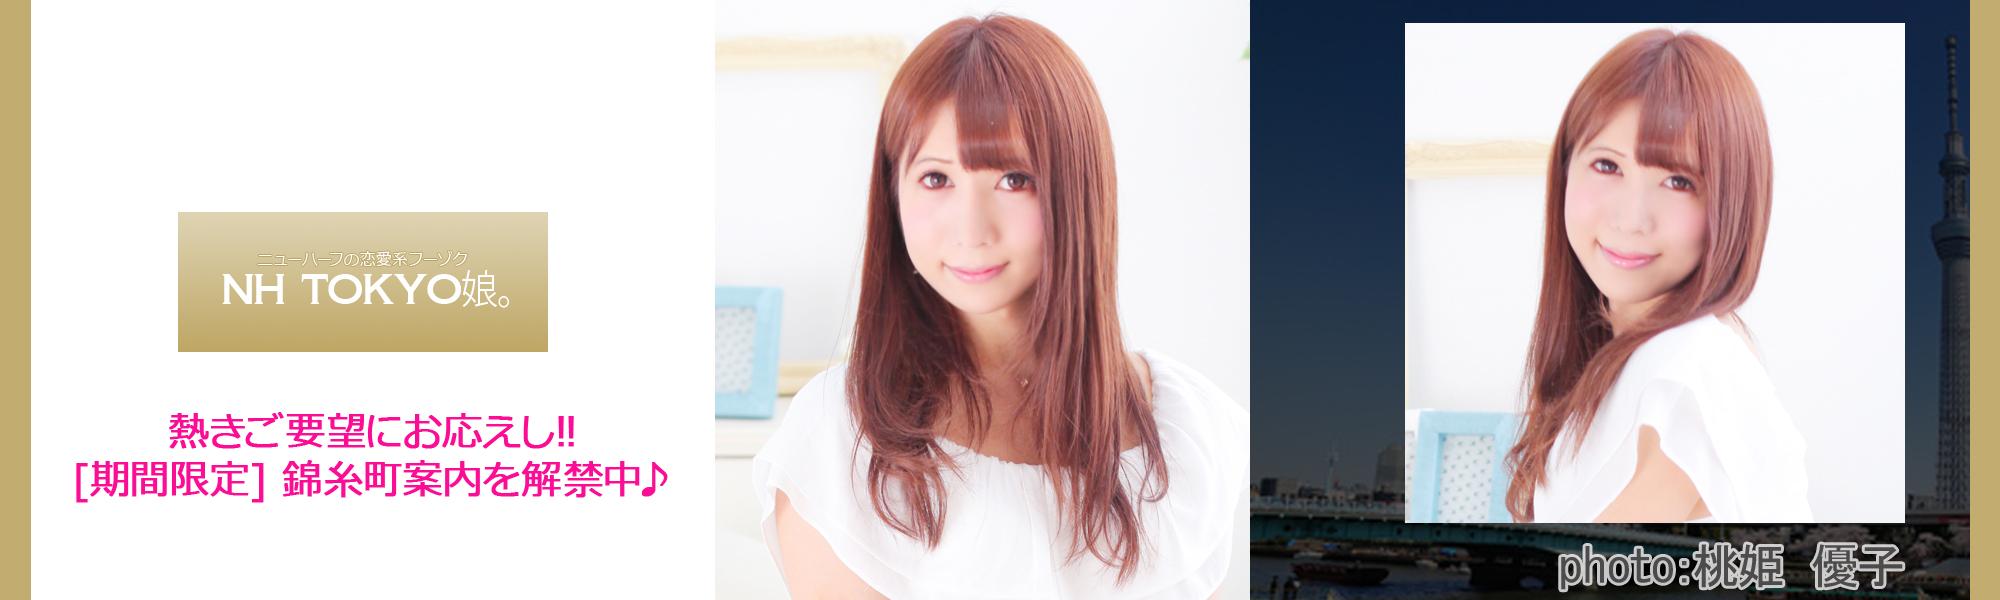 錦糸町ホテヘル ニューハーフのNH TOKYO娘。20年04月_桃姫 優子